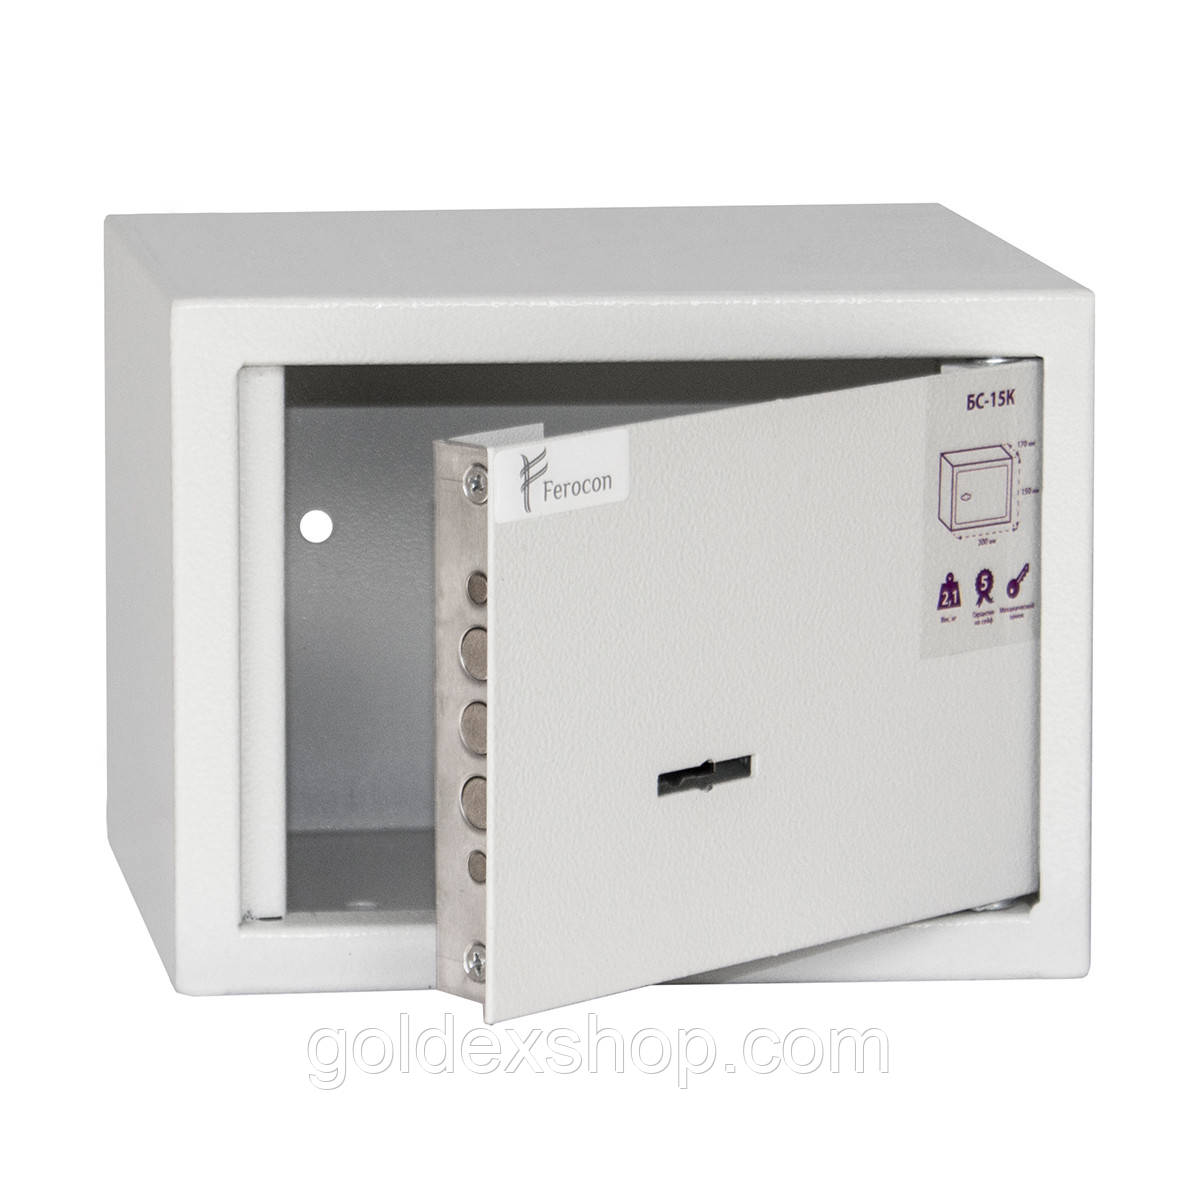 Сейф мебельный Ferocon БС-15К.7035